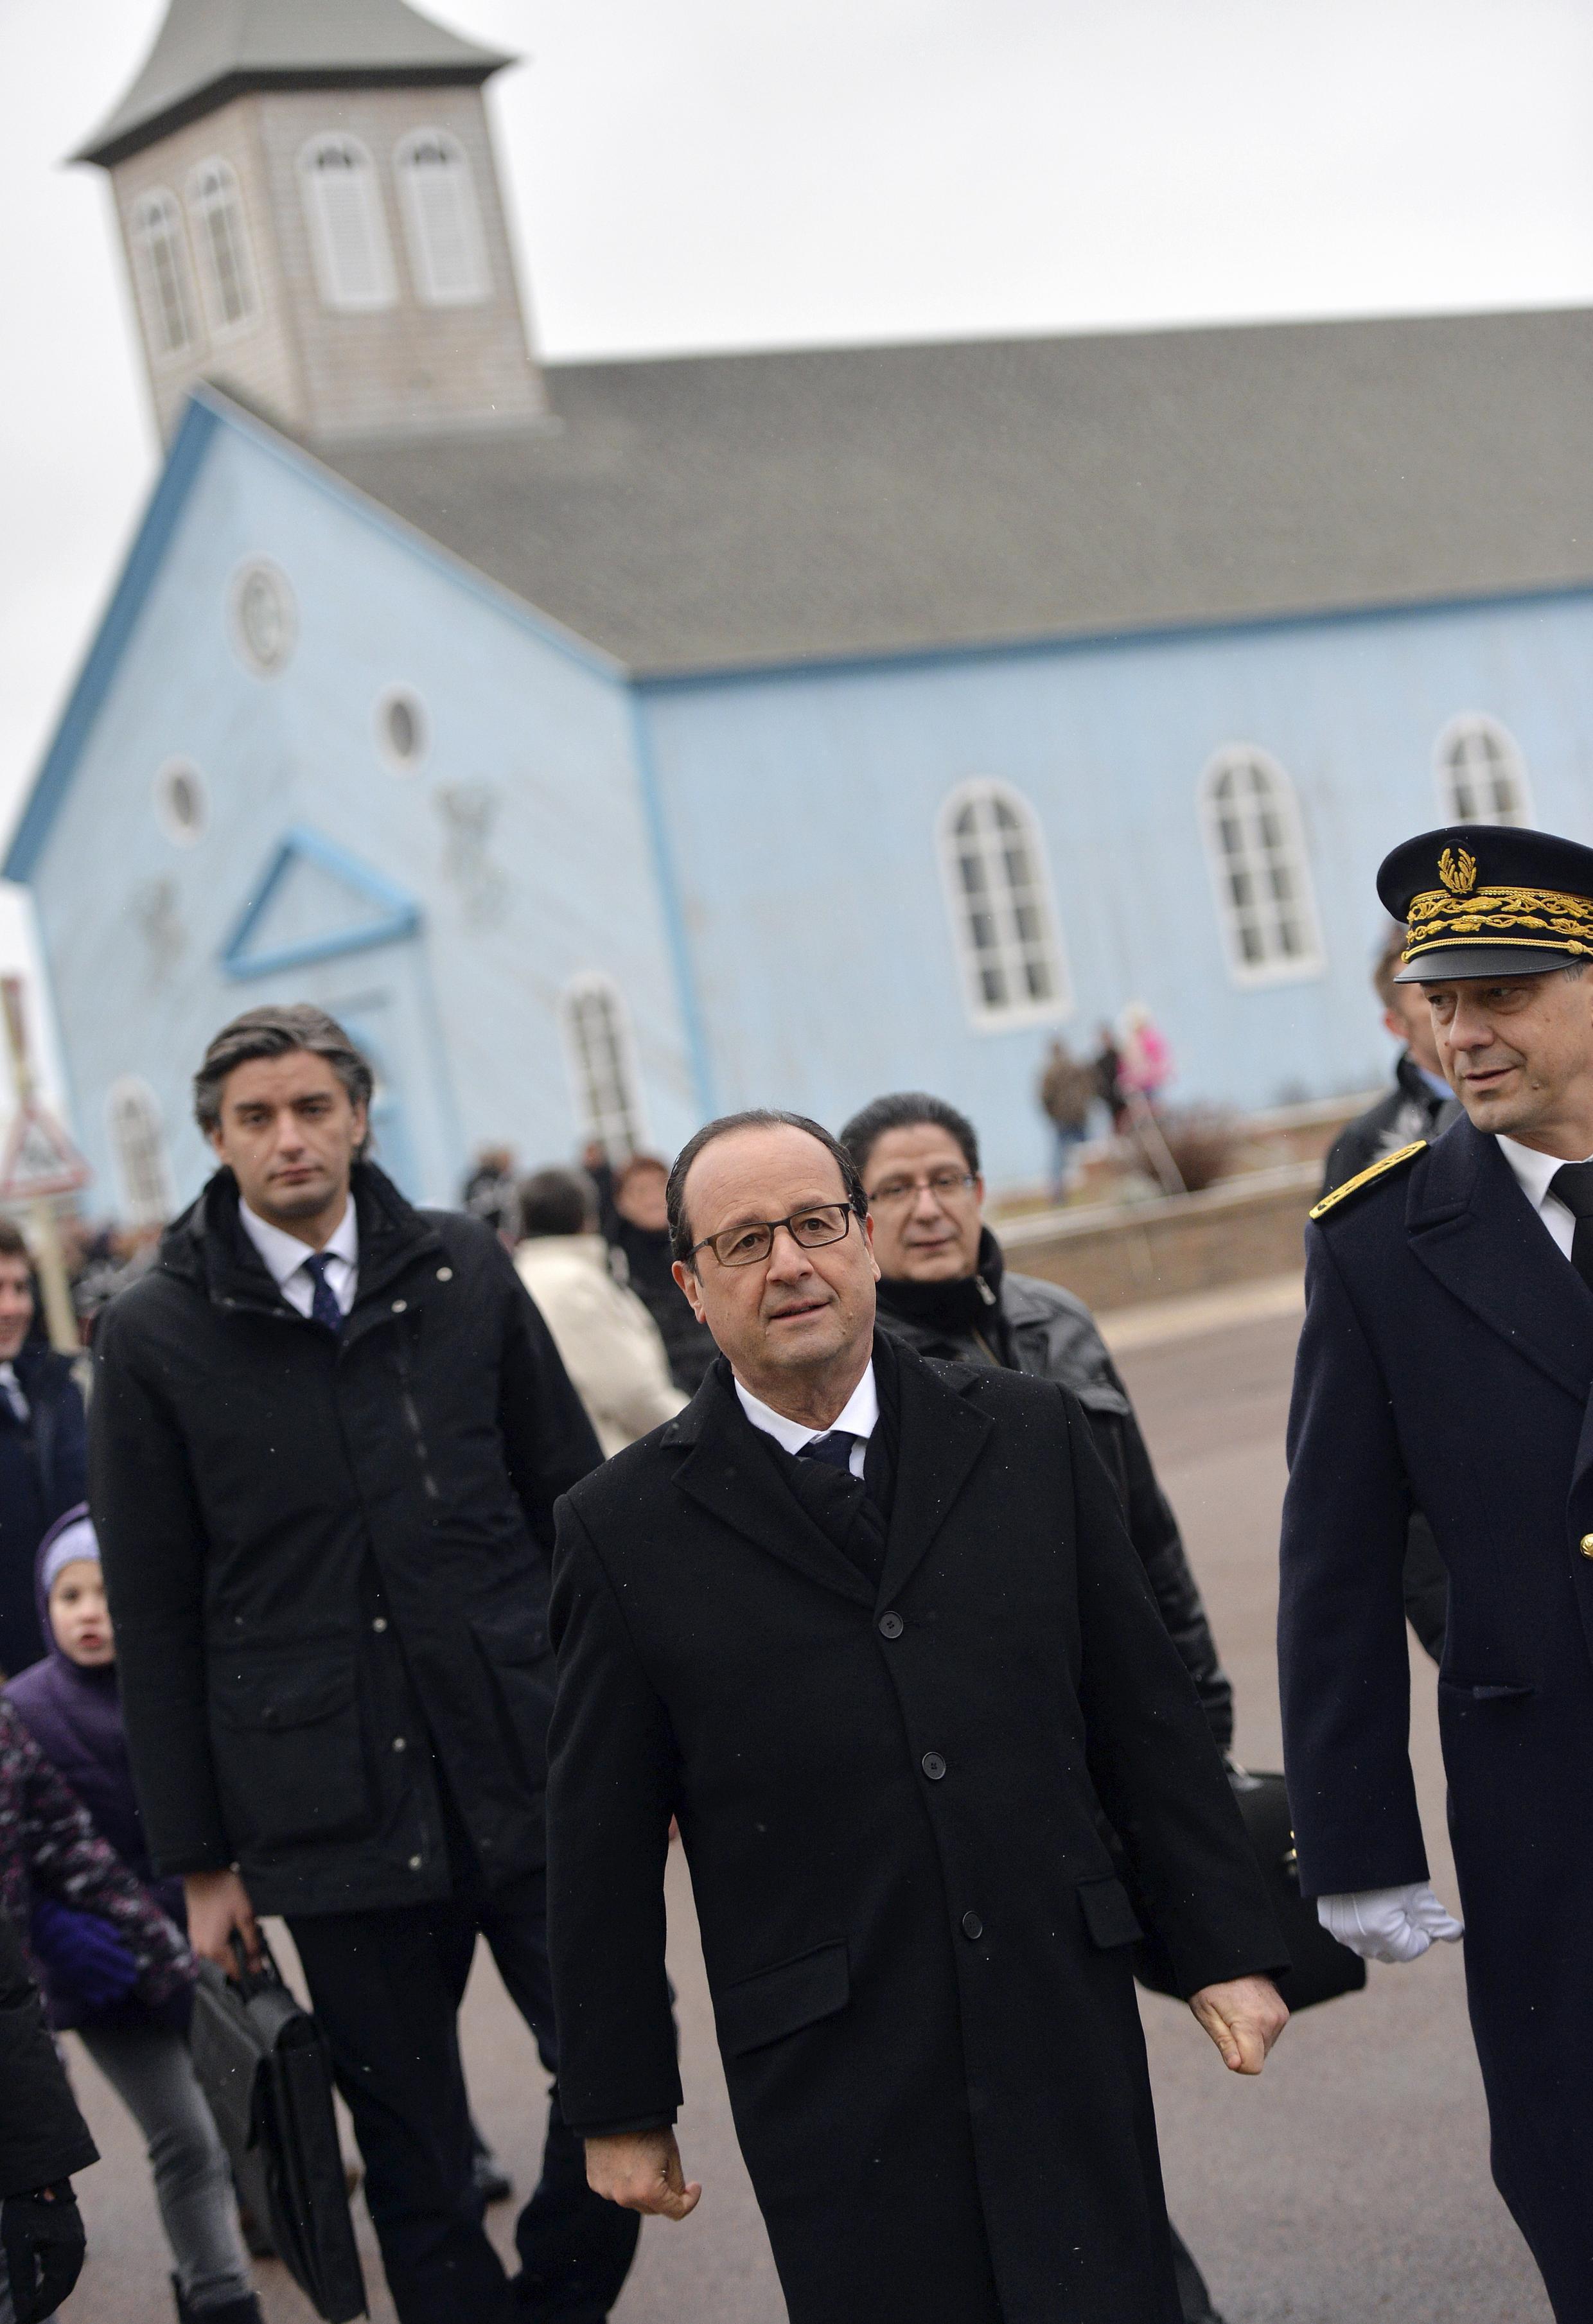 Le président François Hollande lors d'une visite à Miquelon le mardi 23 décembre 2014 pour évoquer le climat.